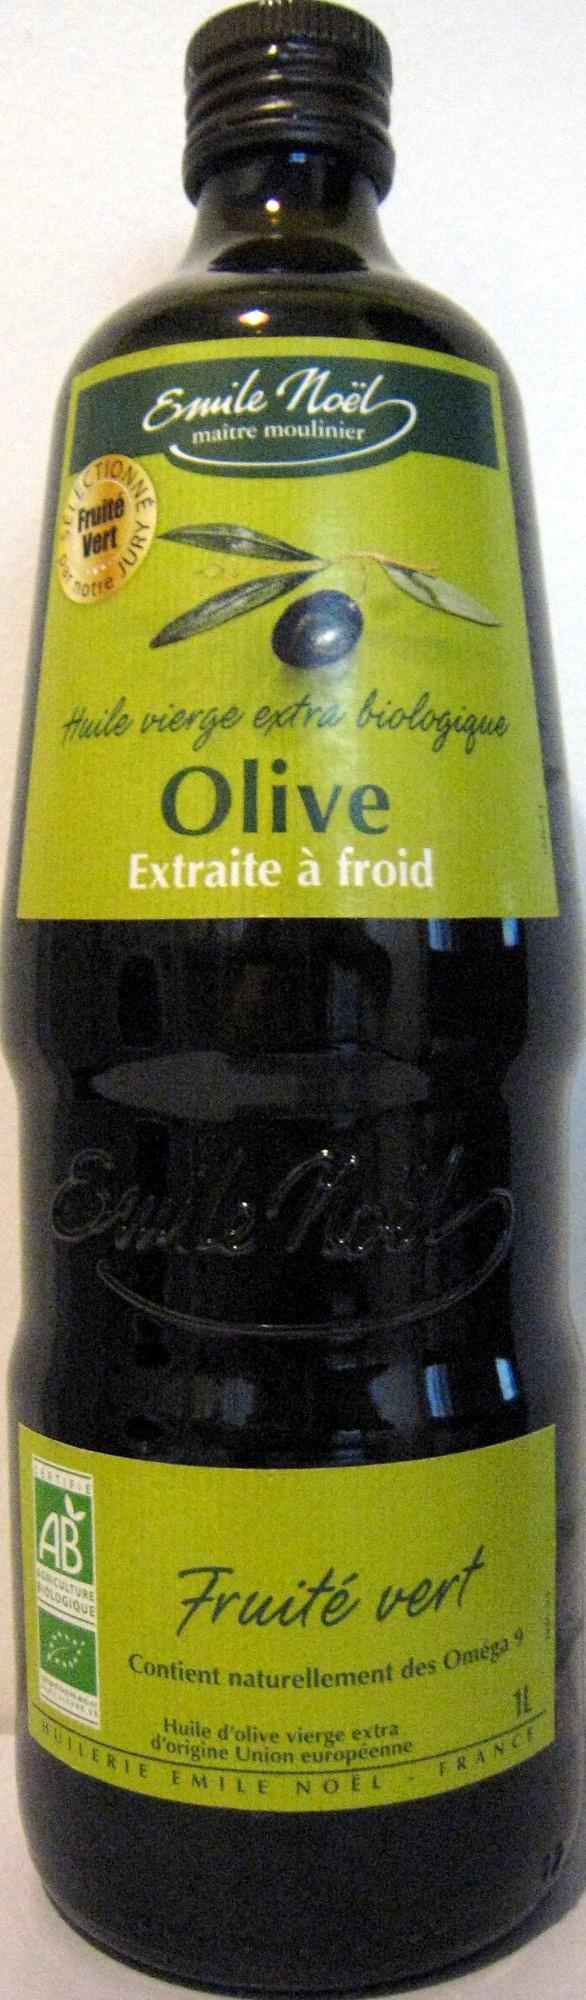 Huile vierge extra Olive extraite à froid - Produit - fr